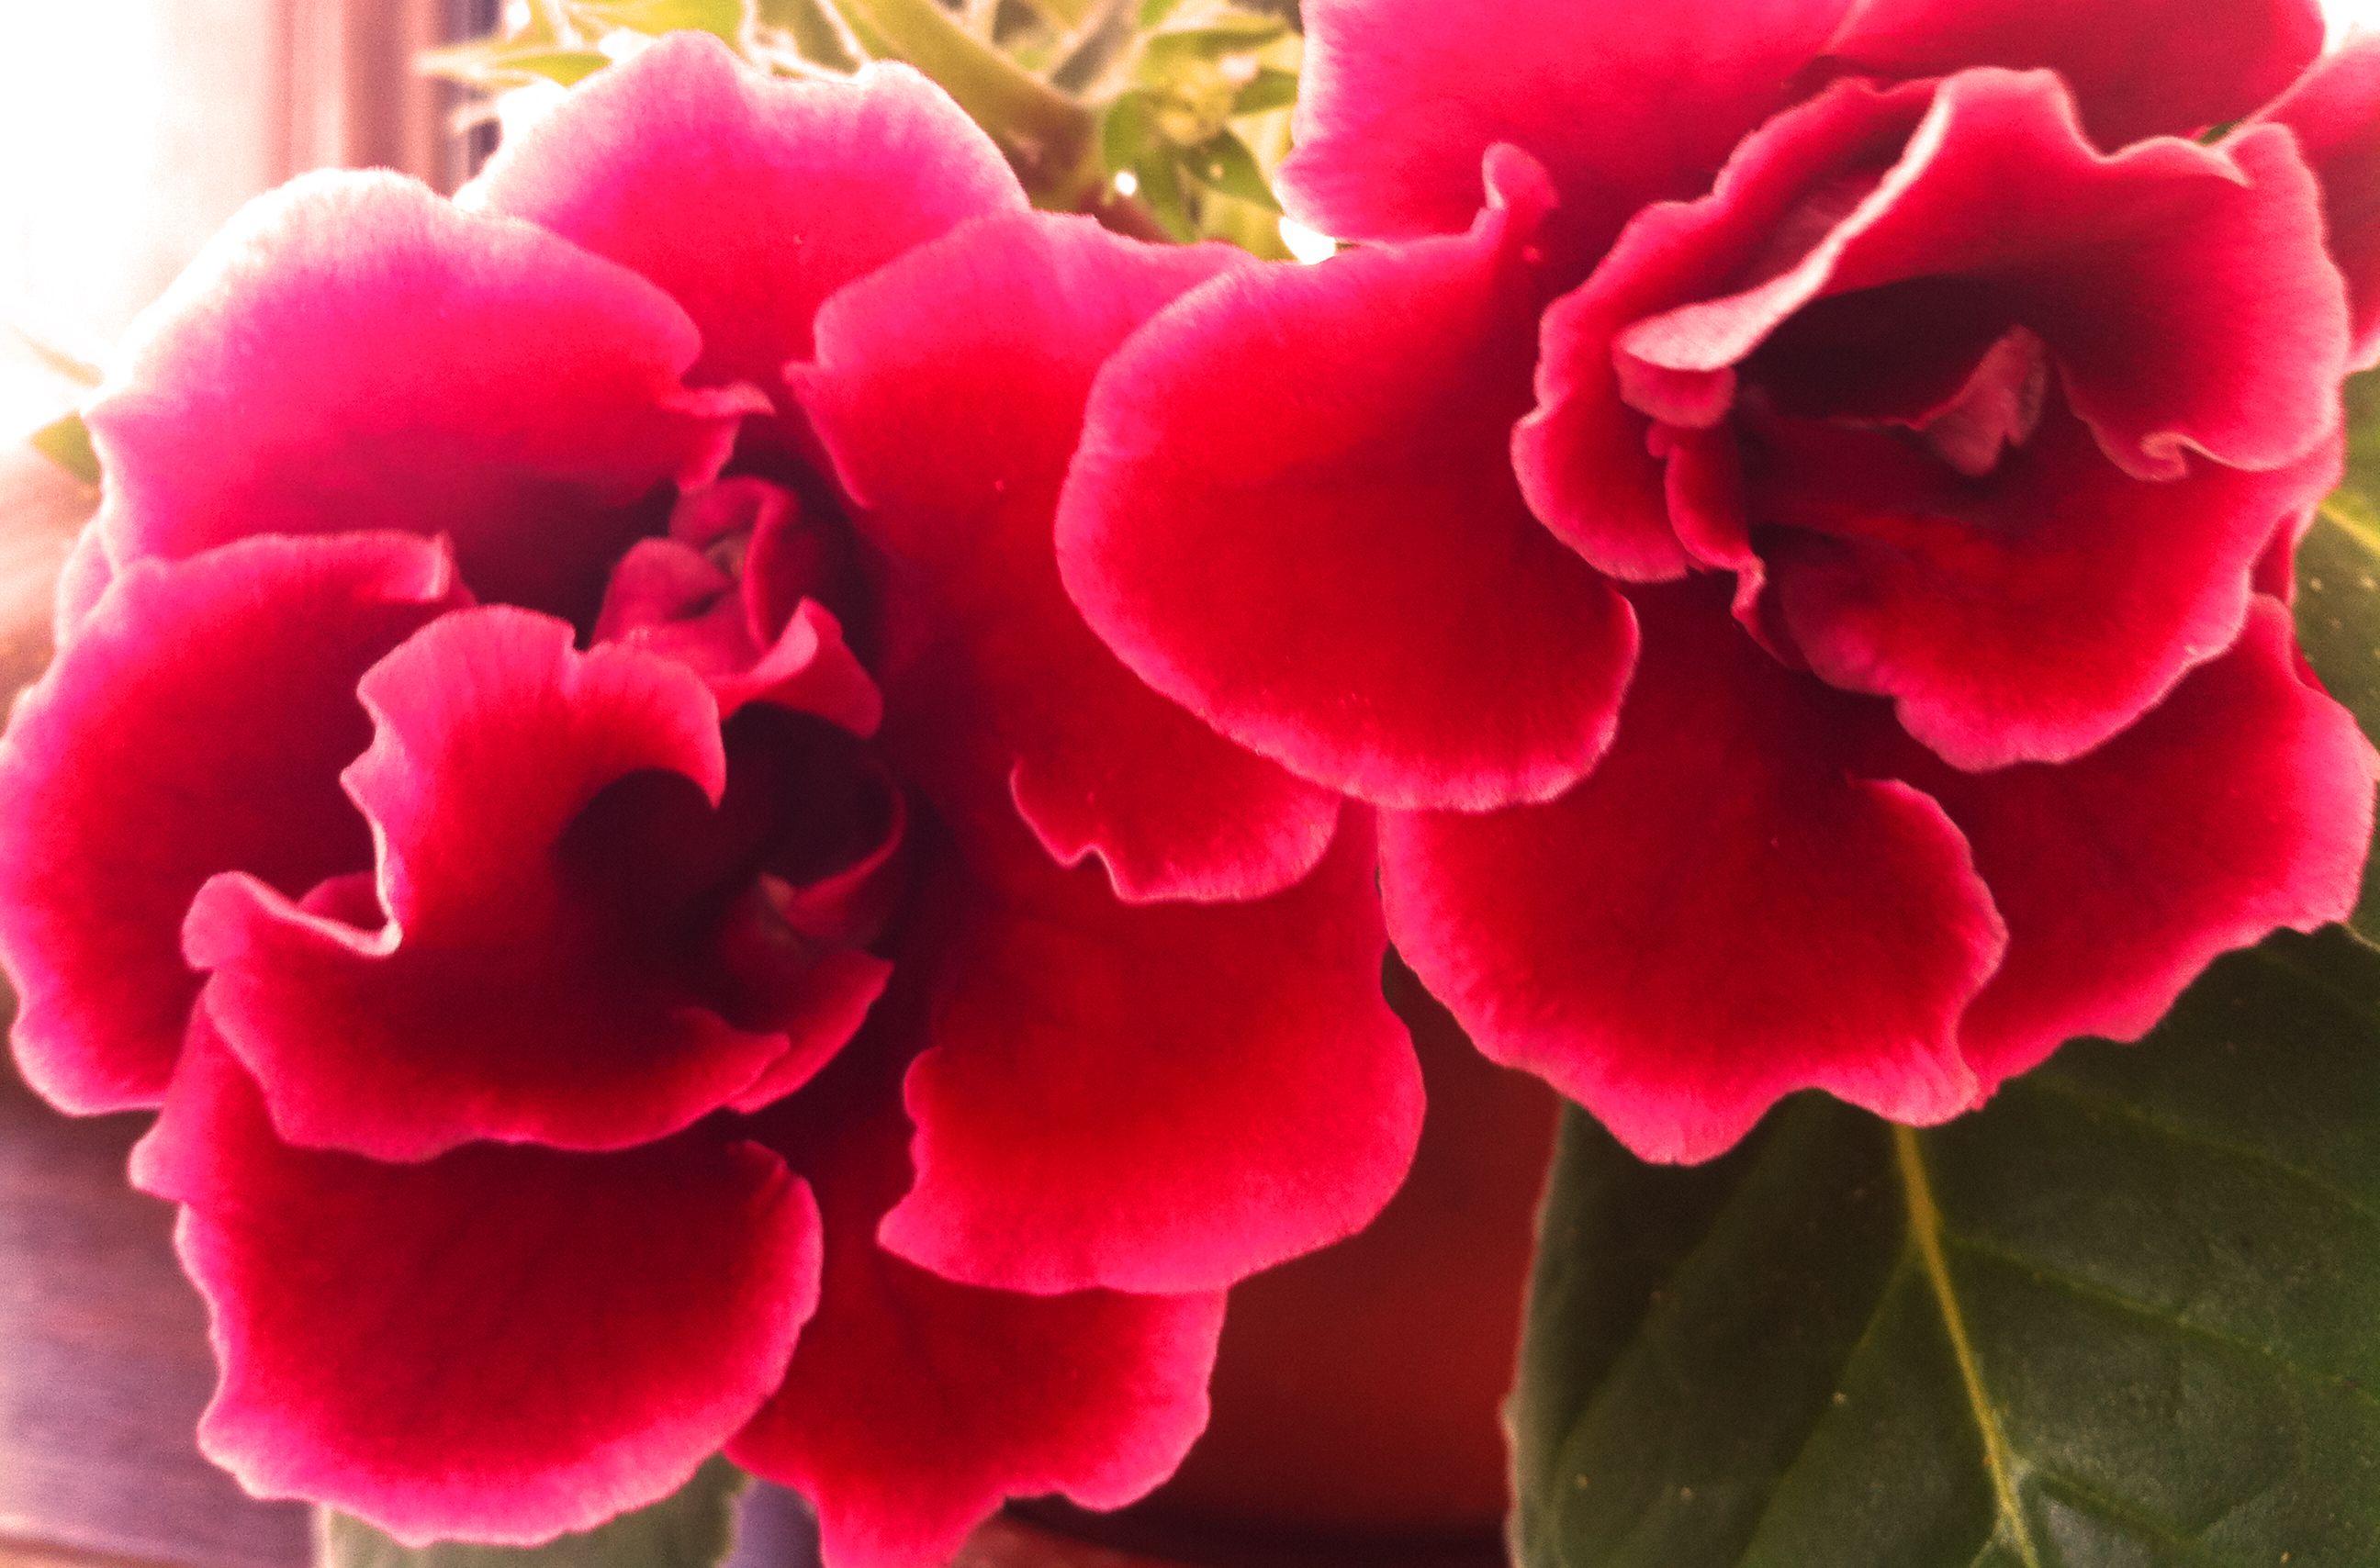 Very beautiful flowers veryniceflowers mir pinterest very beautiful flowers veryniceflowers dhlflorist Images